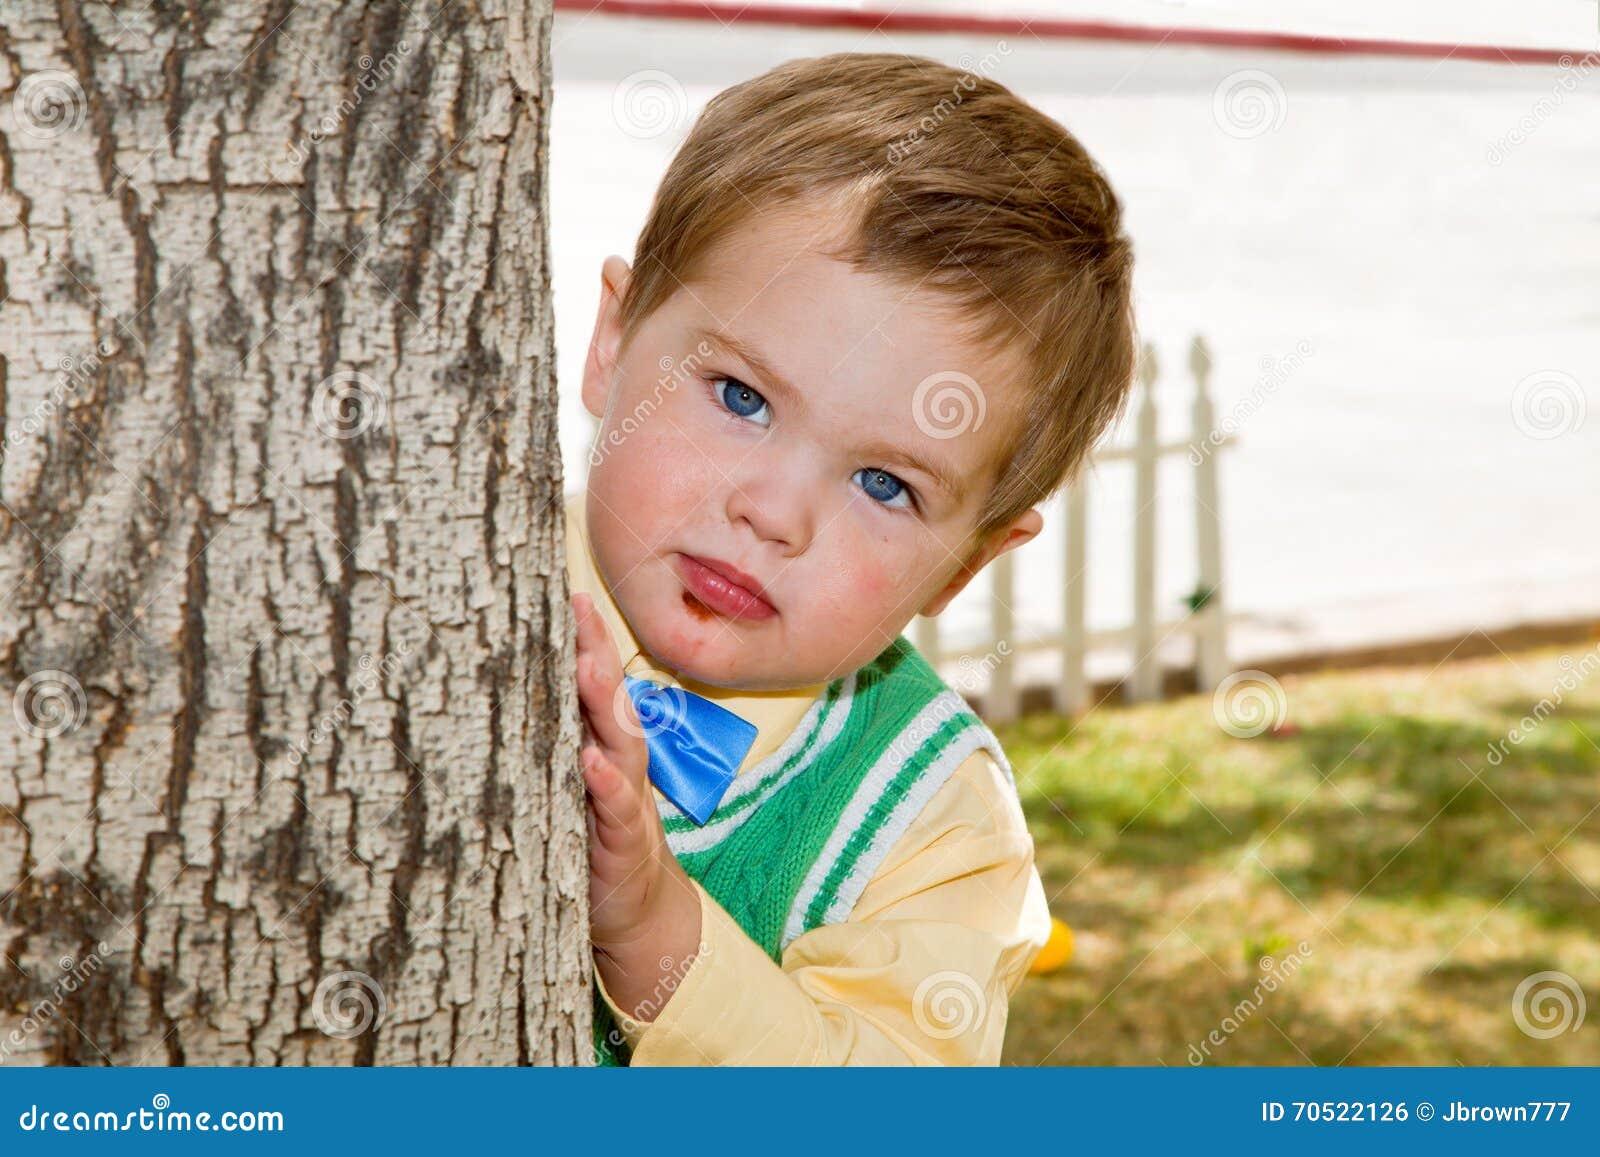 Coups d oeil grincheux de garçon autour d un arbre